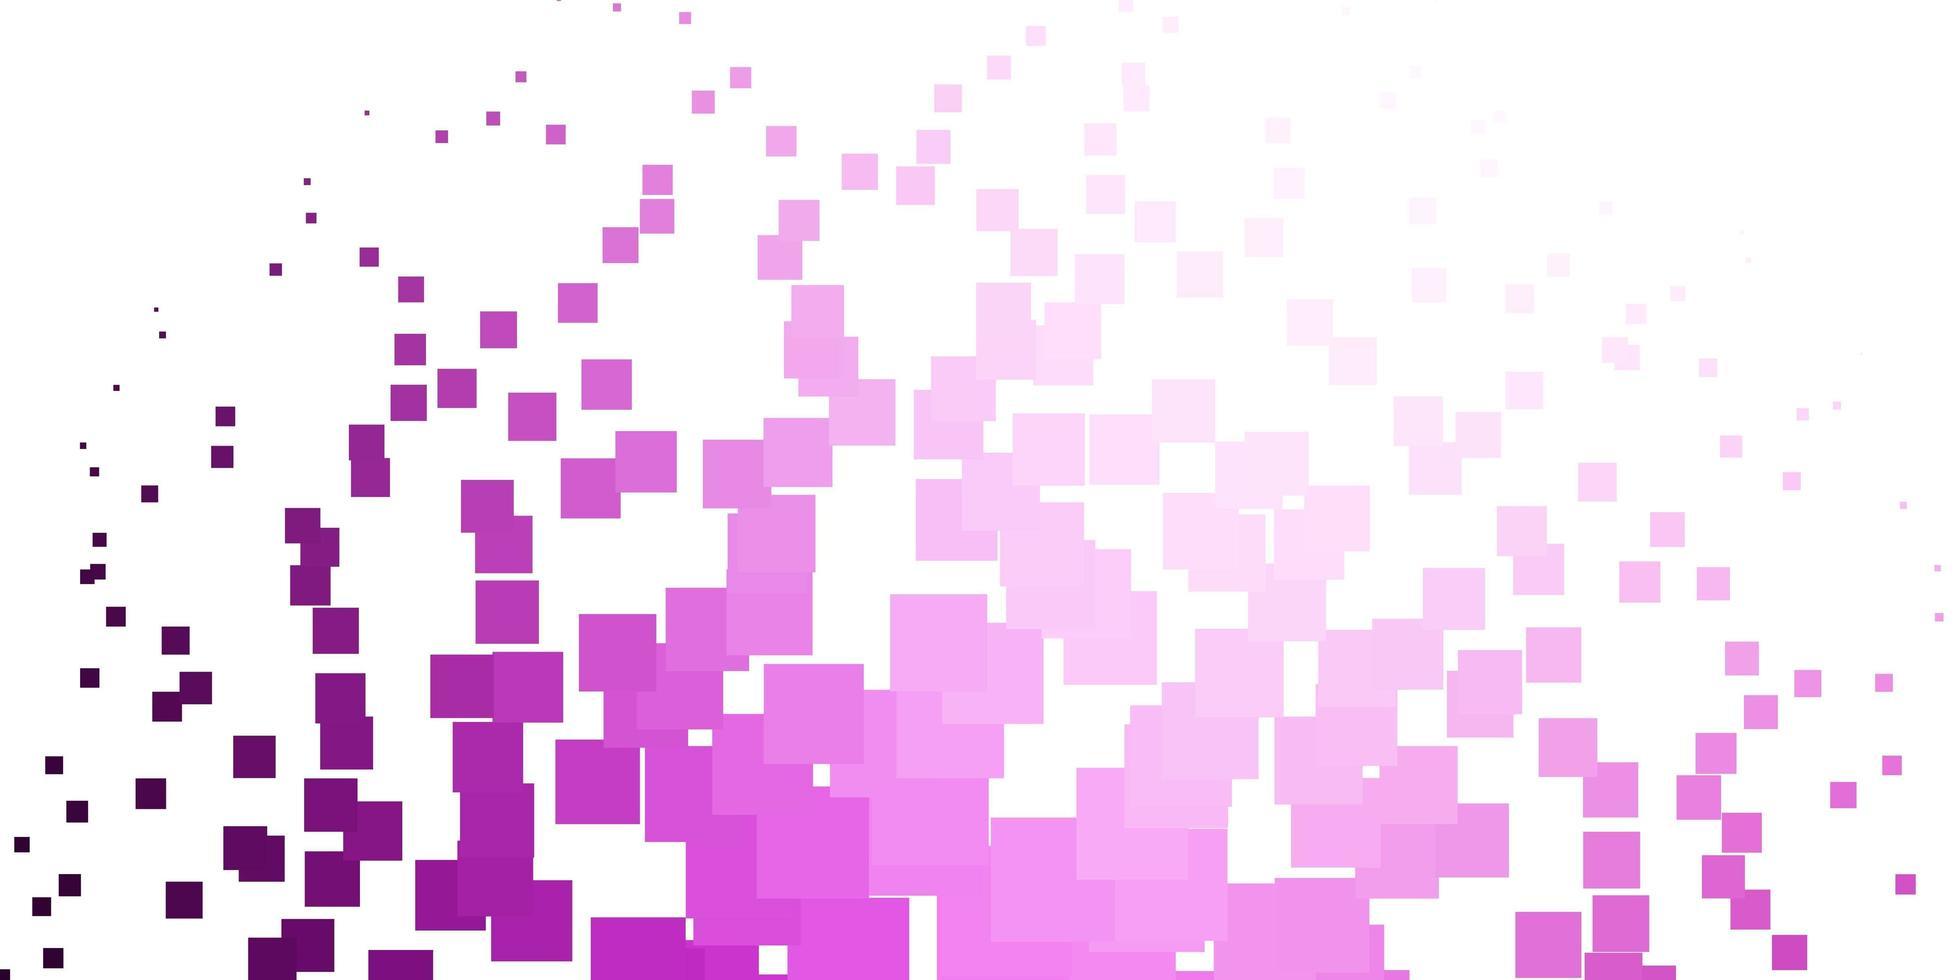 ljusrosa vektormönster i fyrkantig stil. vektor